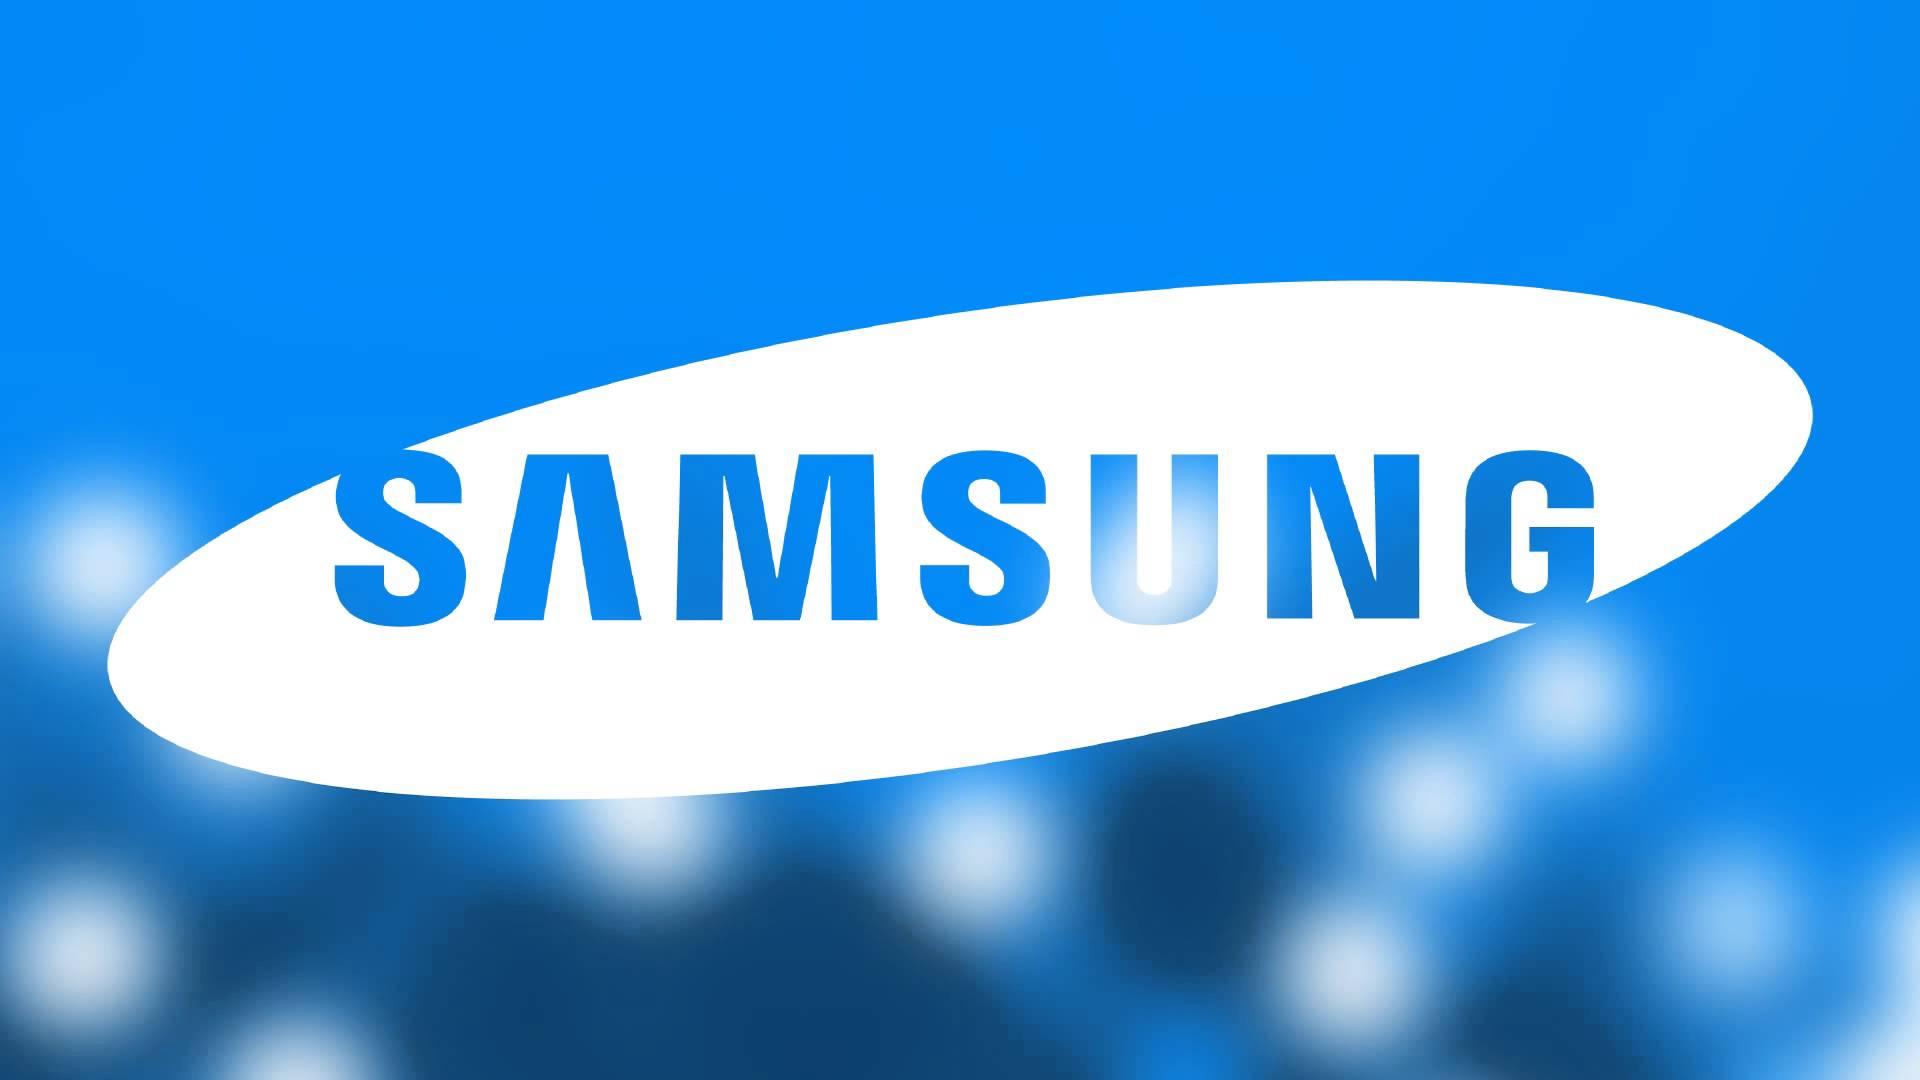 Samsung Galaxy S7 edge, Galaxy C7 Pro i Galaxy A8+ (2018) otrzymuj± marcow± aktualizacjê zabezpieczeñ